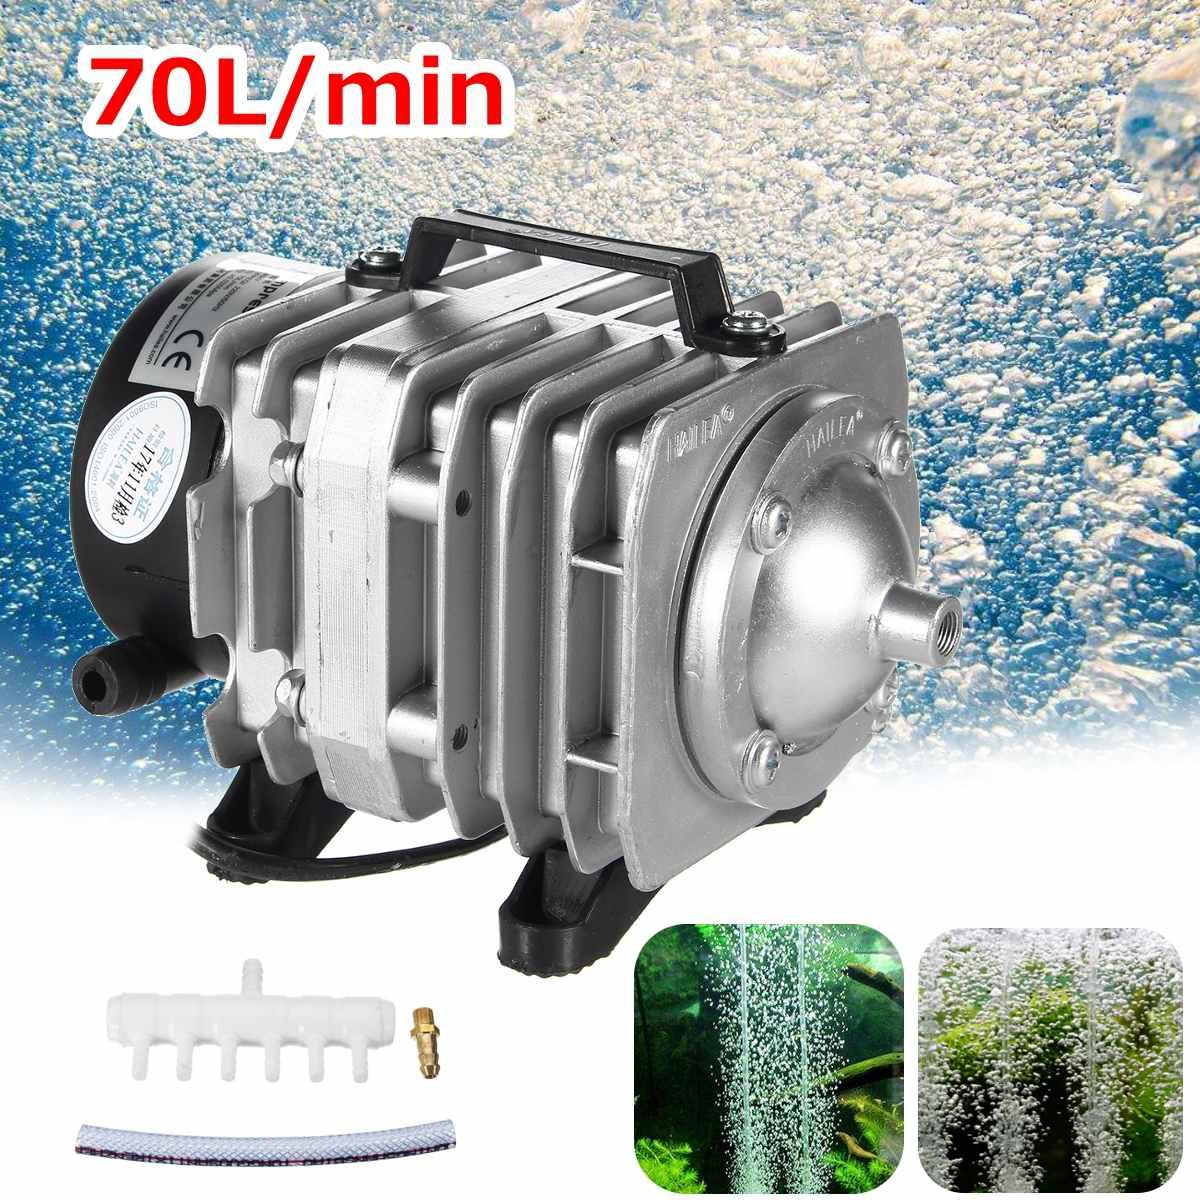 45 W 220 V 70L/min Eletromagnética Compressor de Ar Bomba de Oxigênio Aquarium Fish Pond Aerador Bomba Compressor de Ar Hidropônico ACO-318